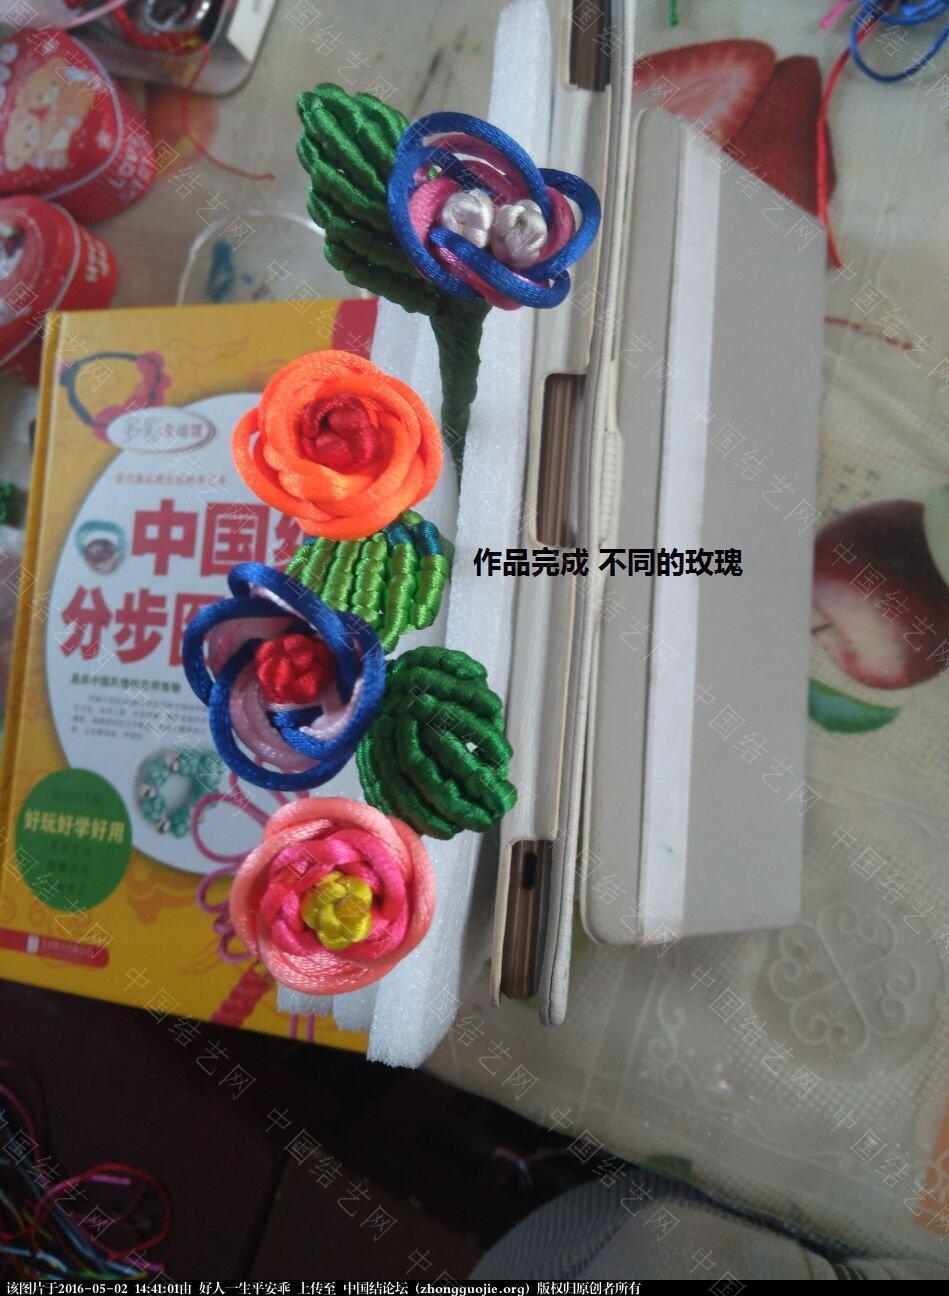 中国结论坛 玫瑰花 喜欢的 就请停留 编些简单的 让初学者过过瘾 呵呵 玫瑰花,初学者 立体绳结教程与交流区 143712bvfks45tmmze49ab